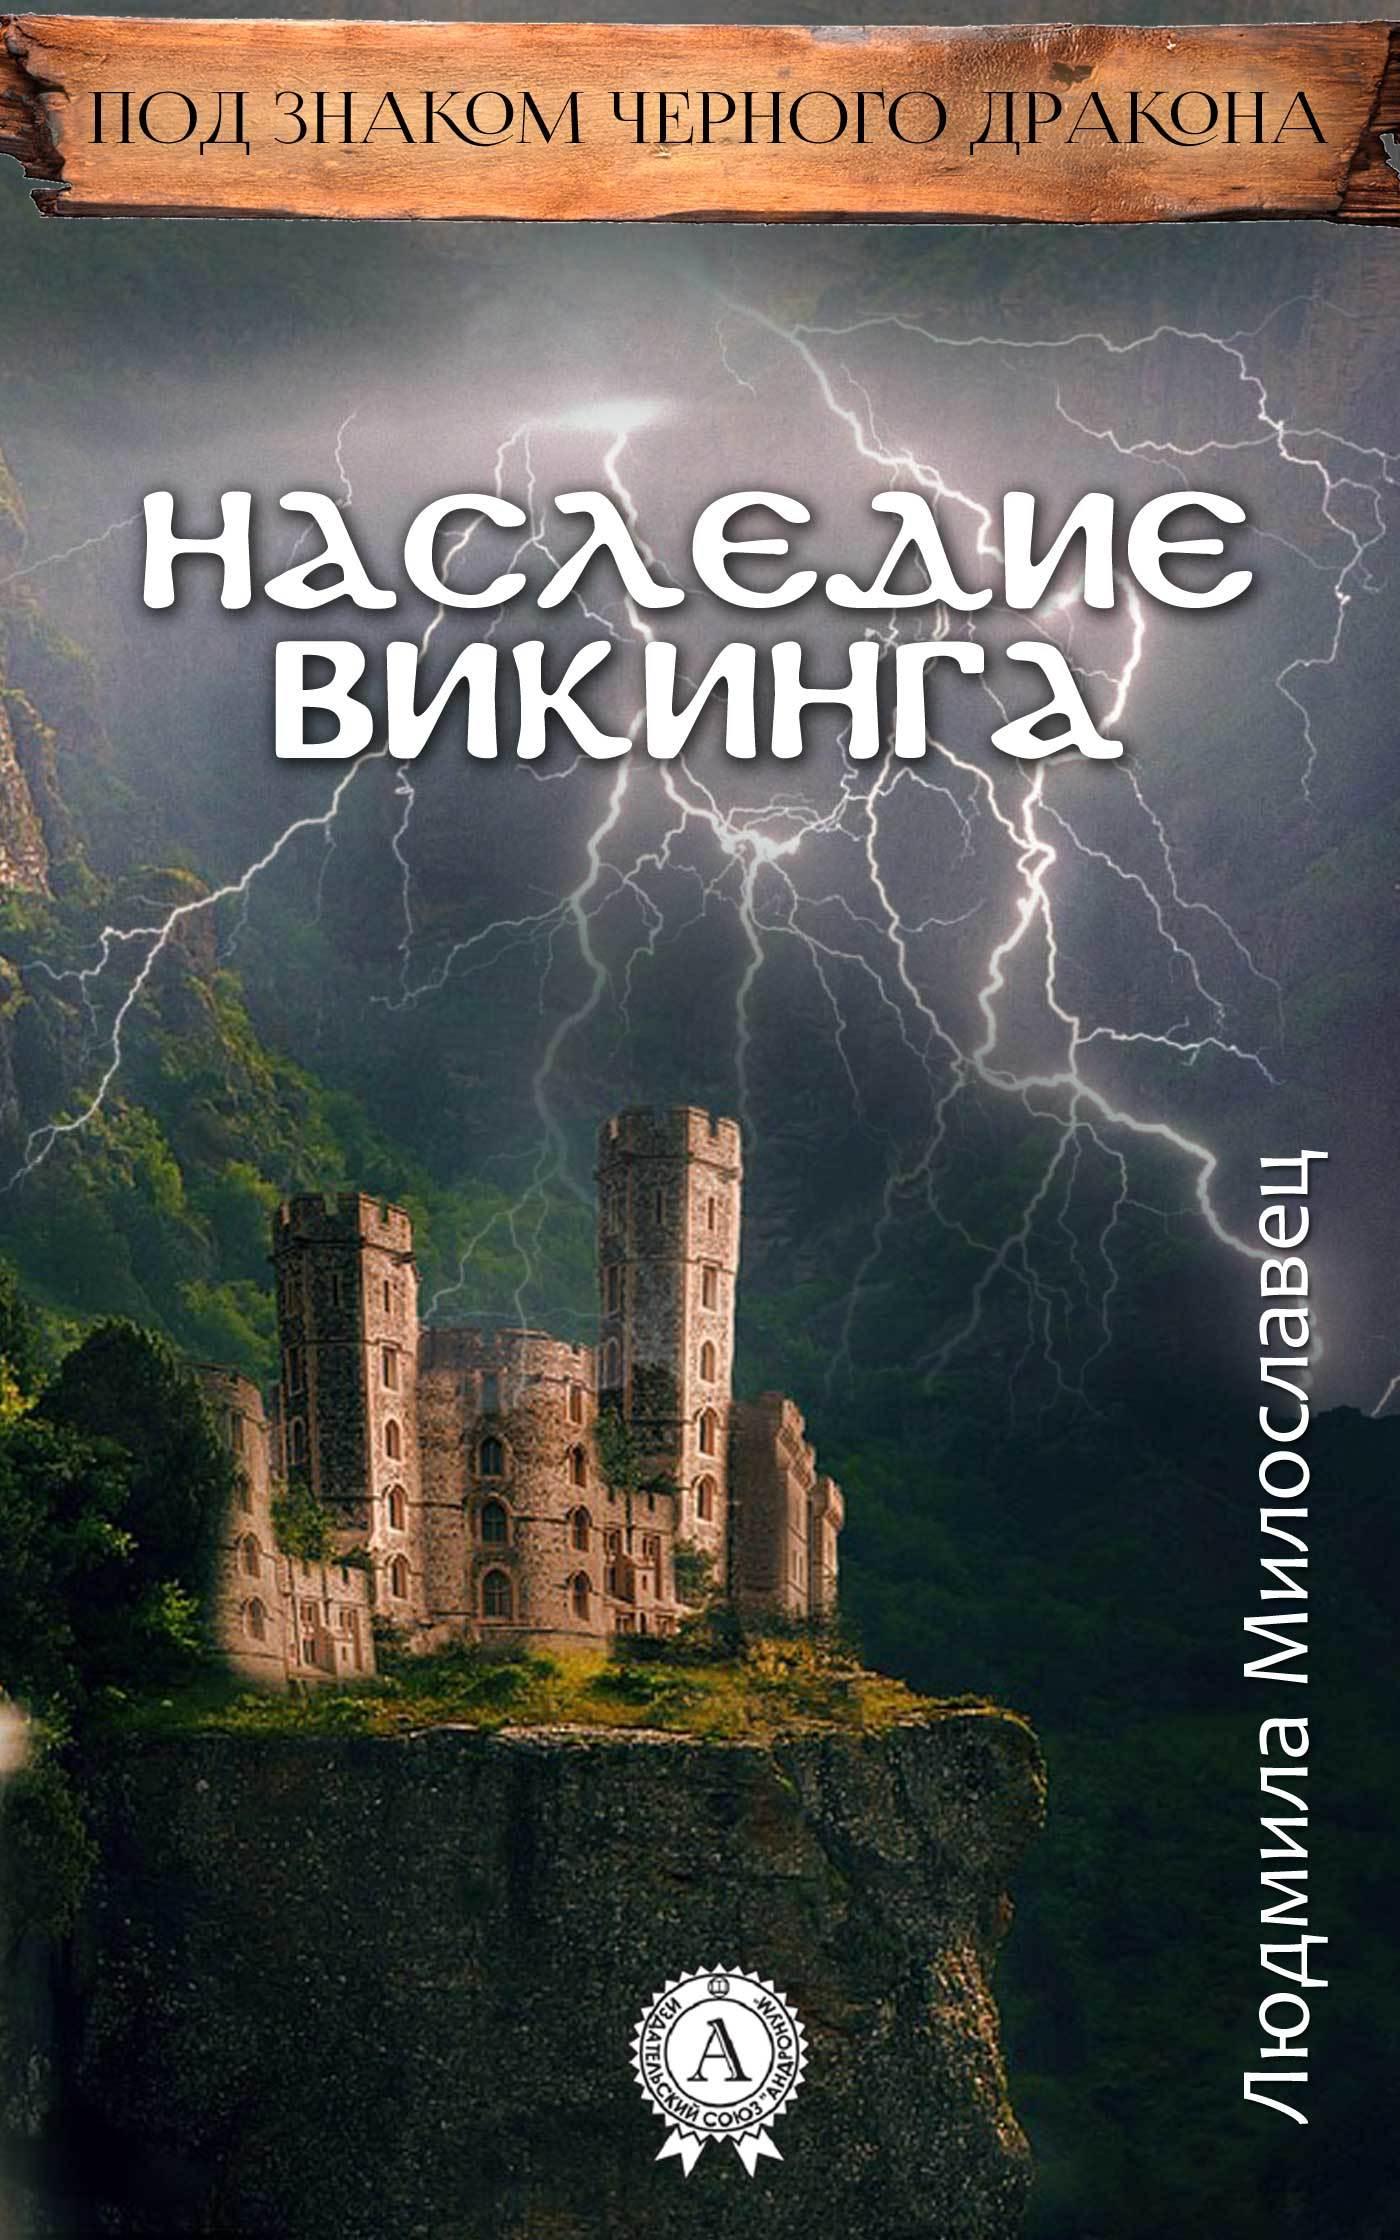 занимательное описание в книге Людмила Милославец